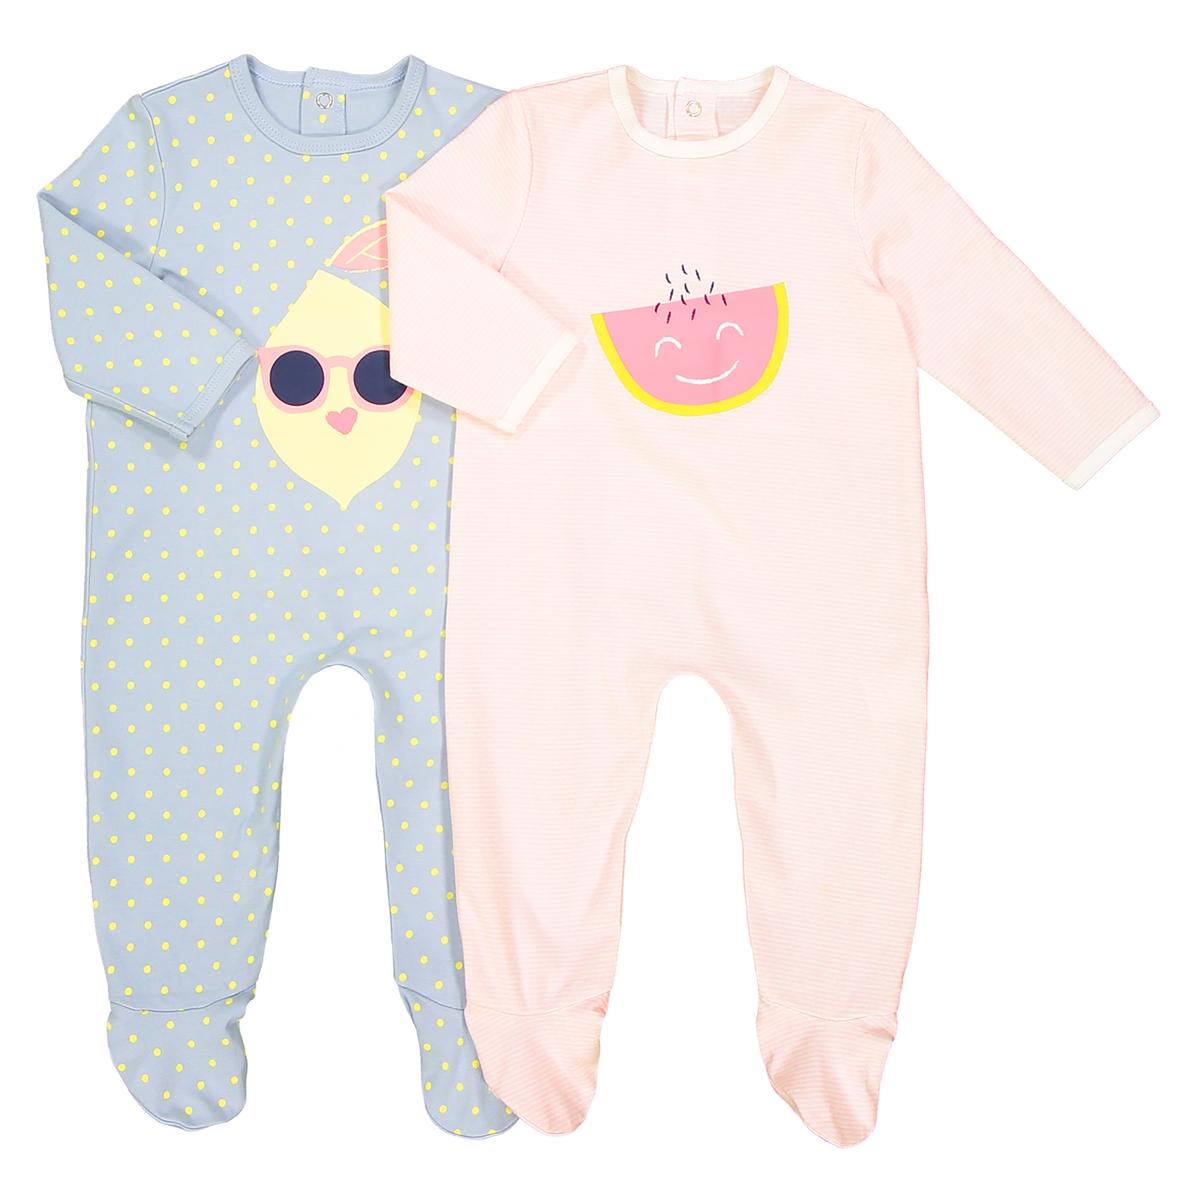 Комплект из 2 хлопковых пижам 0 мес – 3 лет комплект из 2 пижам 0 мес 3 года